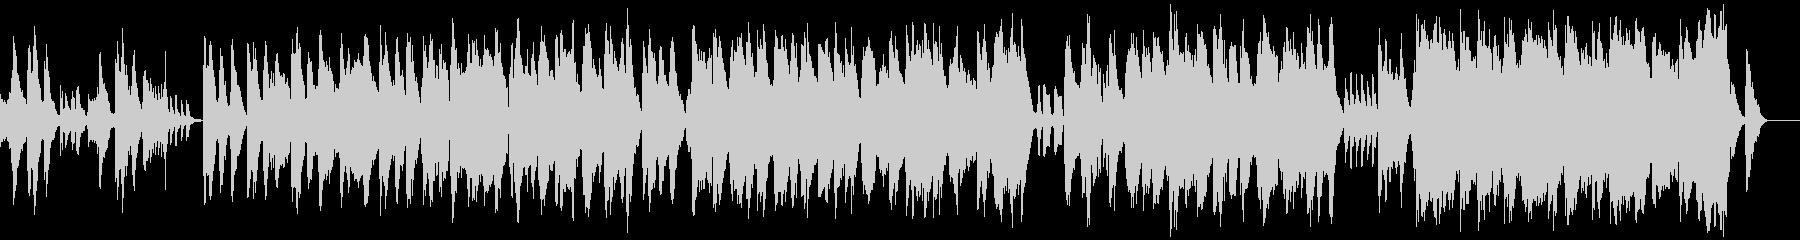 オーケストラ楽器タンゴの世界のテー...の未再生の波形